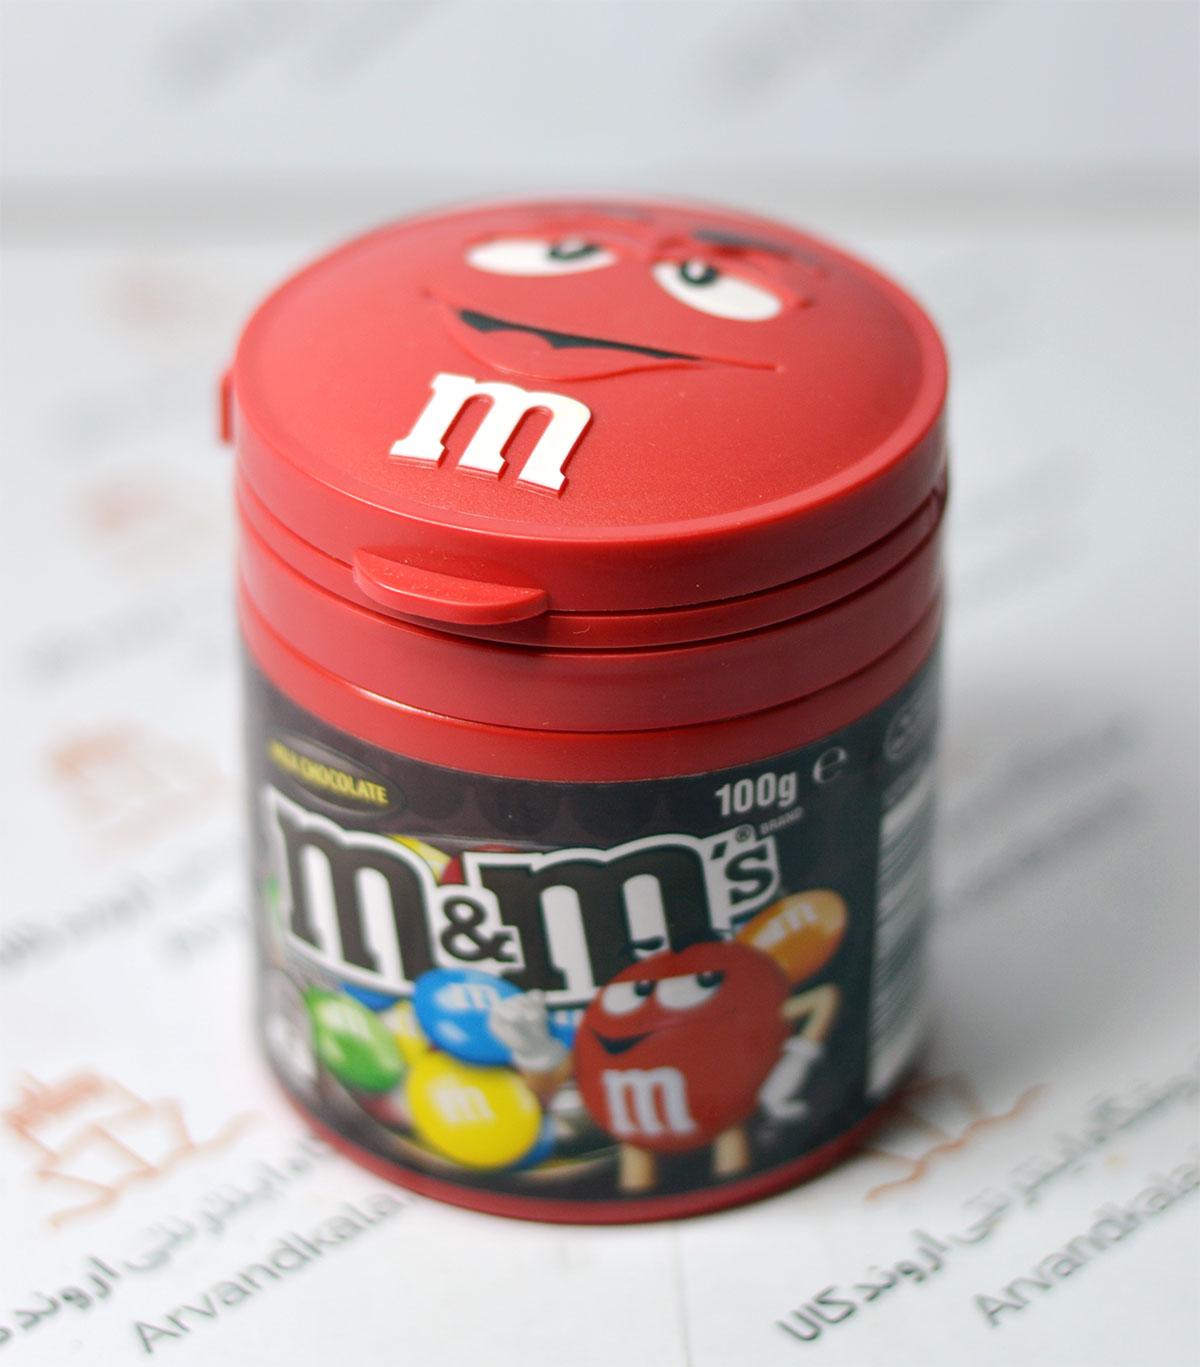 ام اند امز m&m's